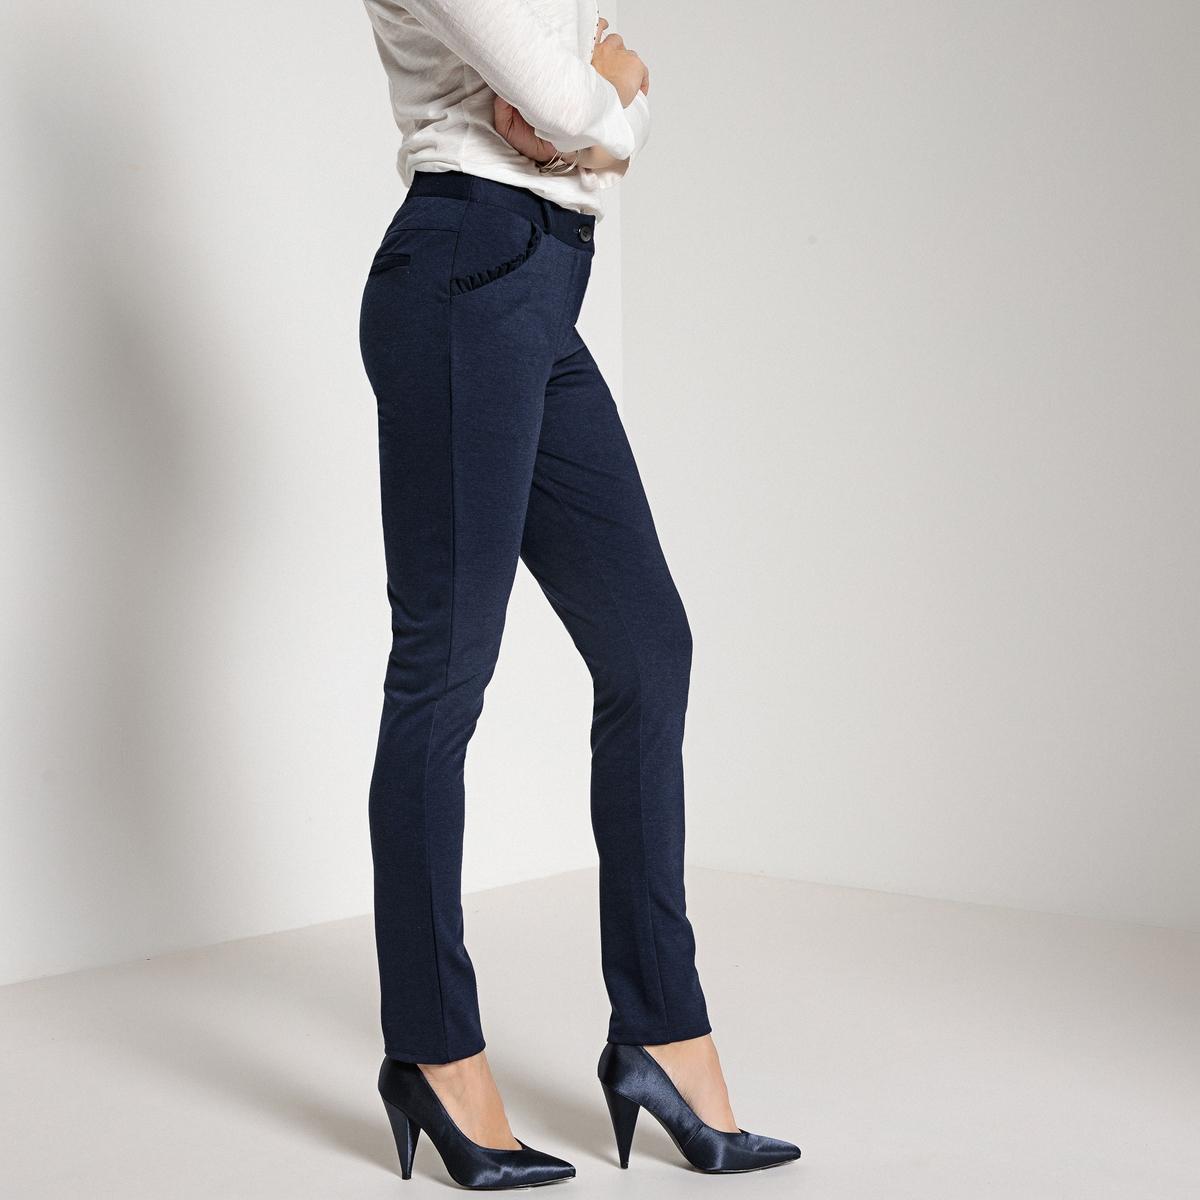 Imagen adicional 3 de producto de Pantalón afilado de punto milano - Anne weyburn